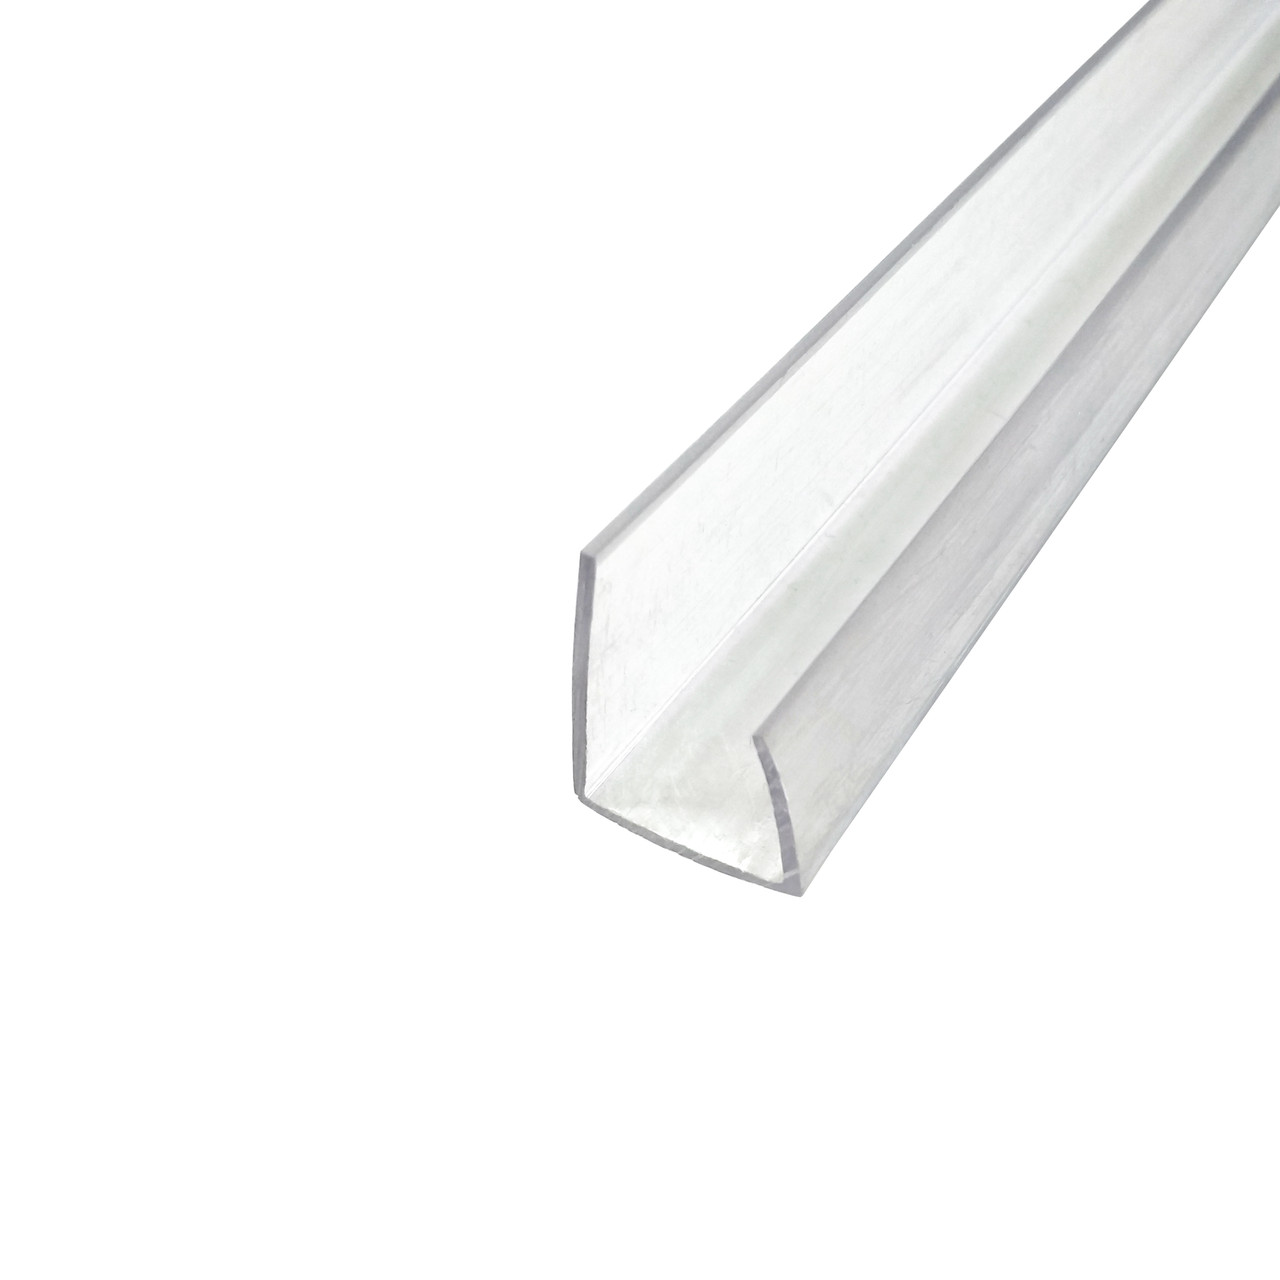 Профіль торцевий, прозорий, 2.1 м, для листів полікарбонату 16 мм